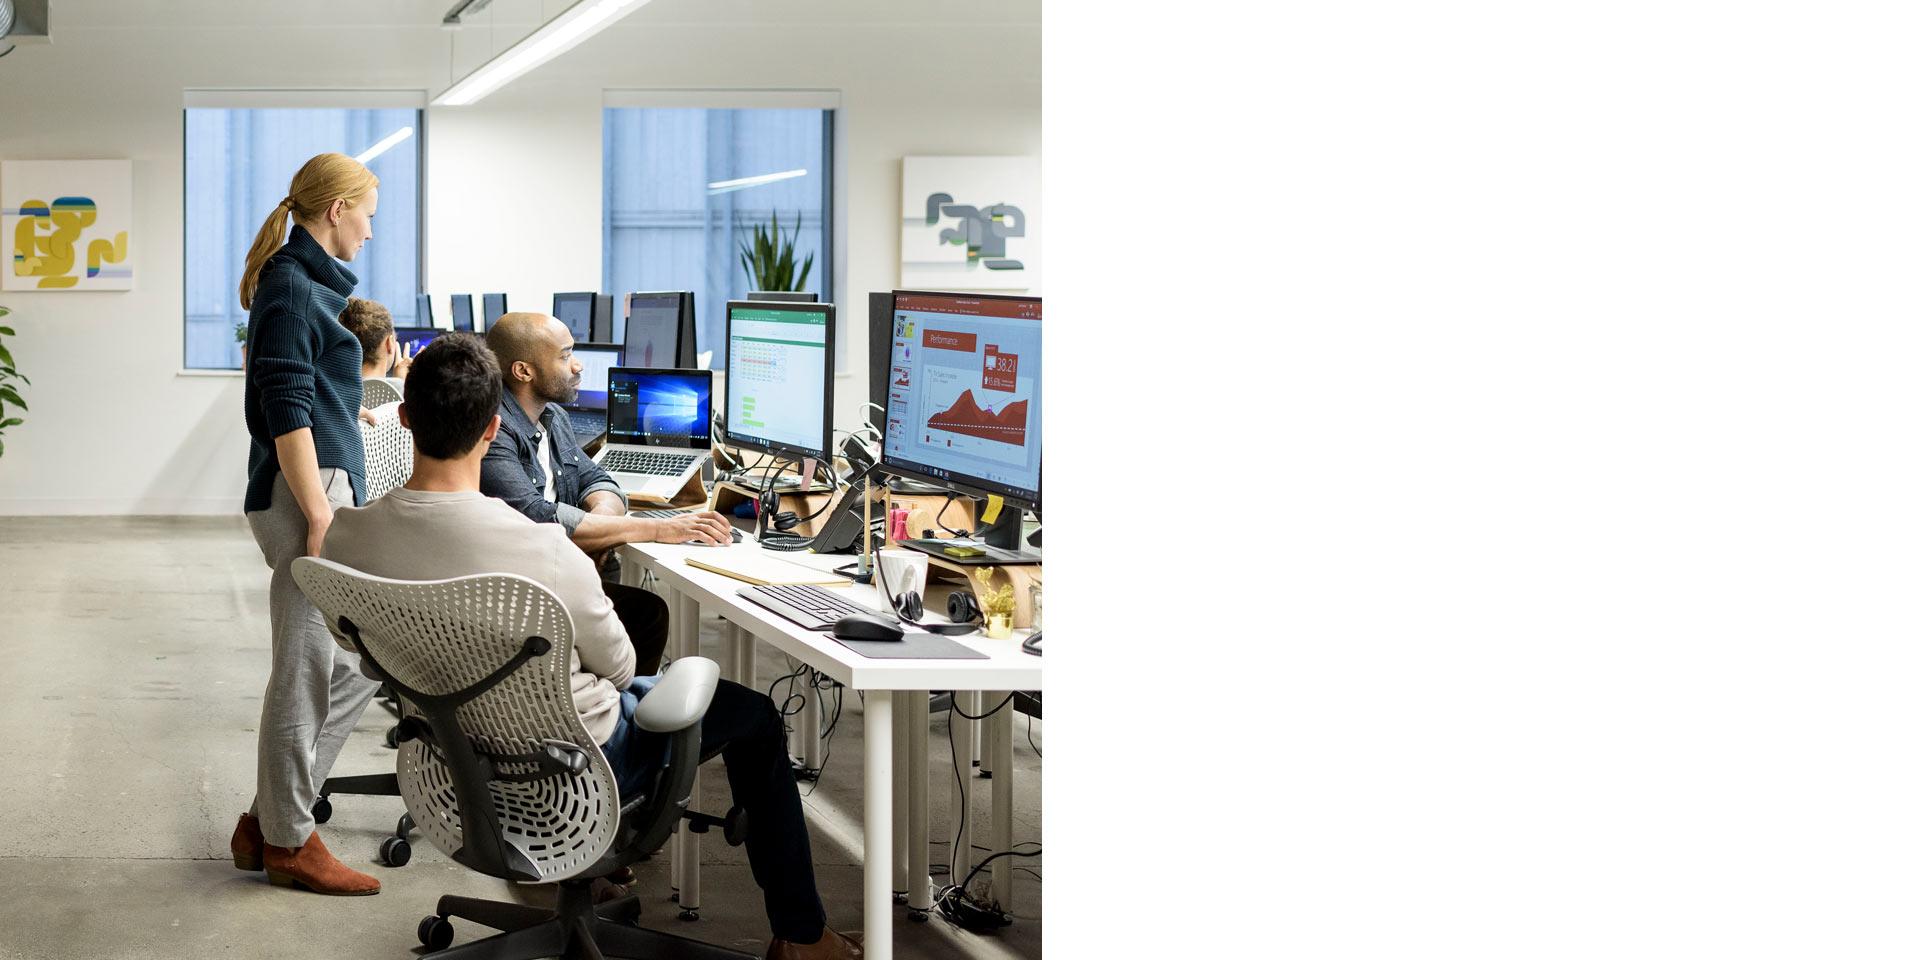 Personas que colaboran en una computadora de escritorio